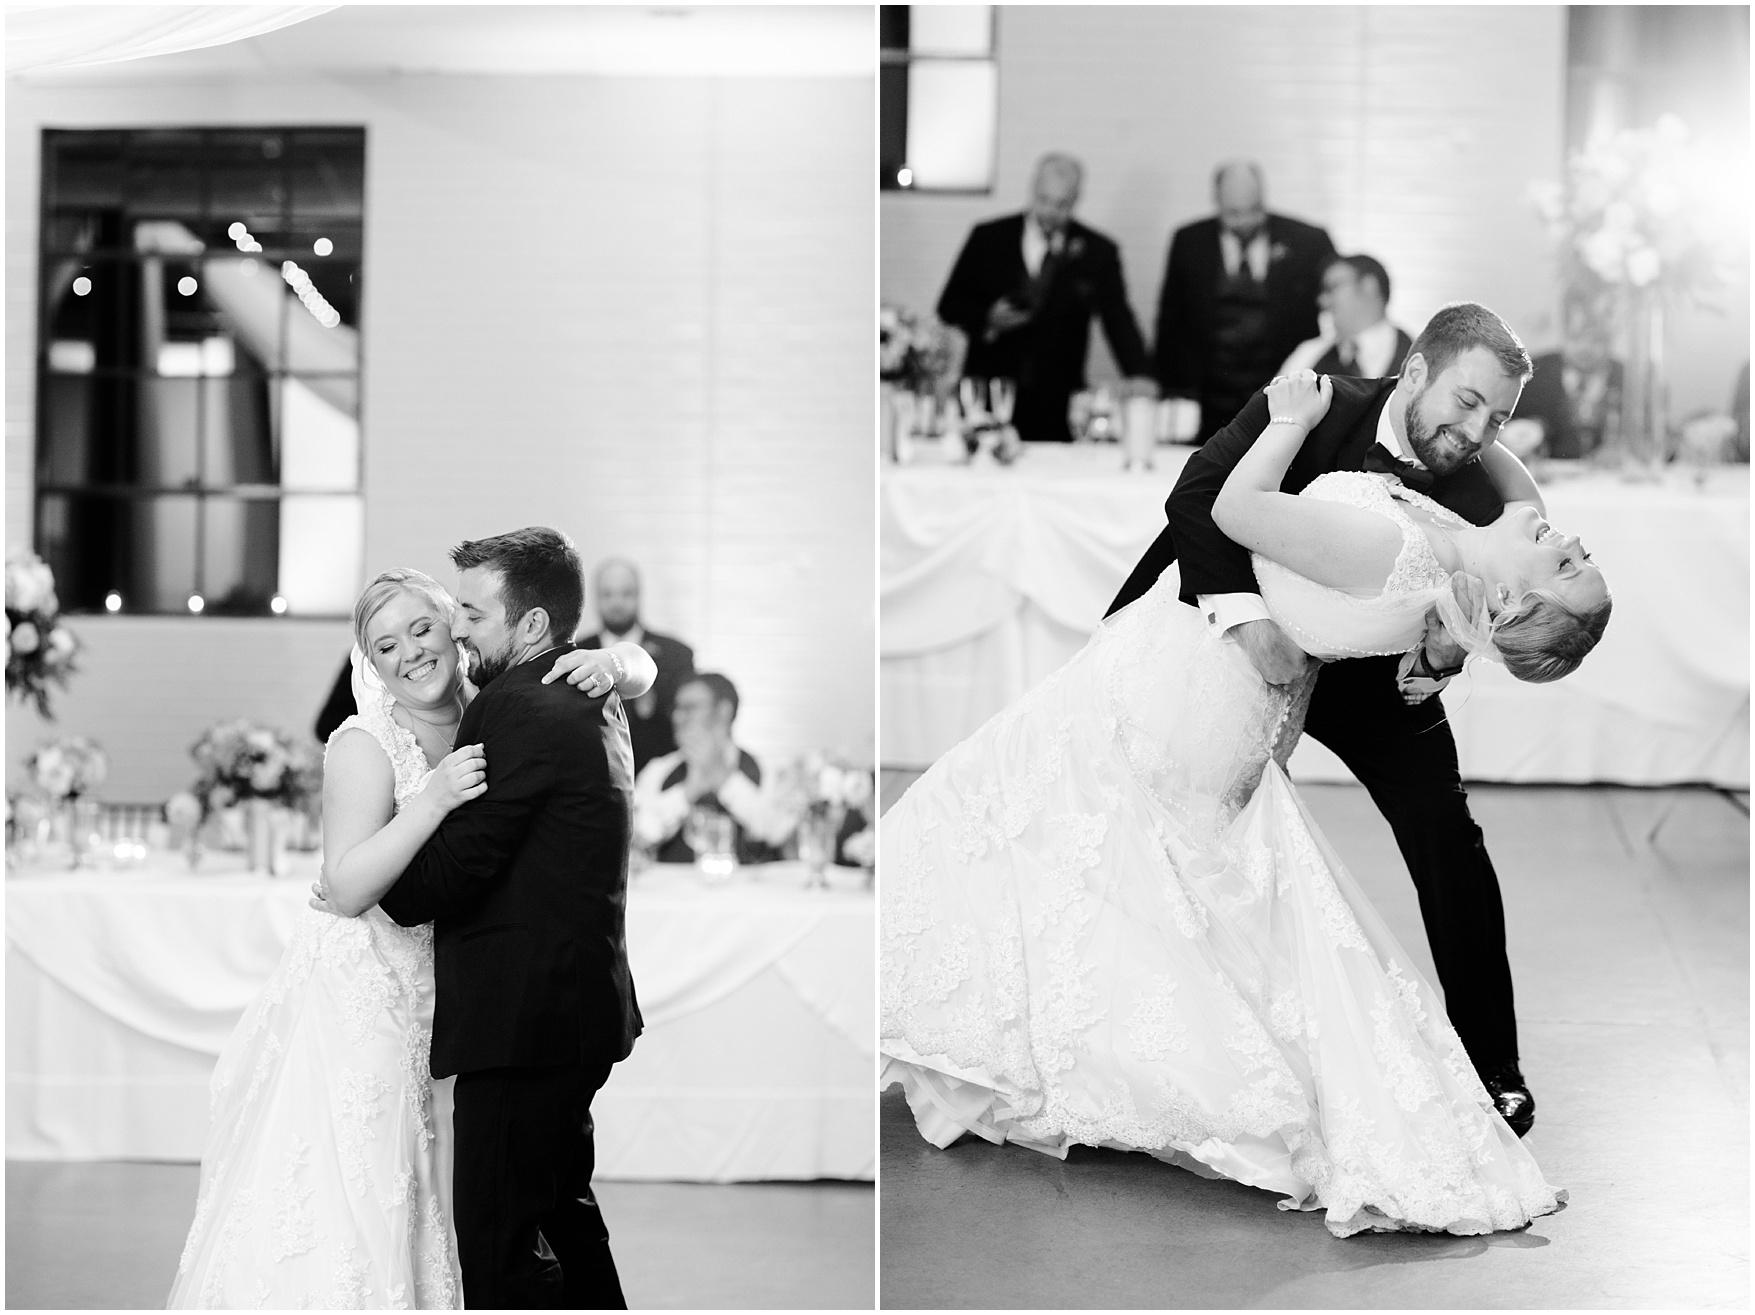 wedding photography st louis_lauren muckler photography_film photographer_film wedding_0186.jpg